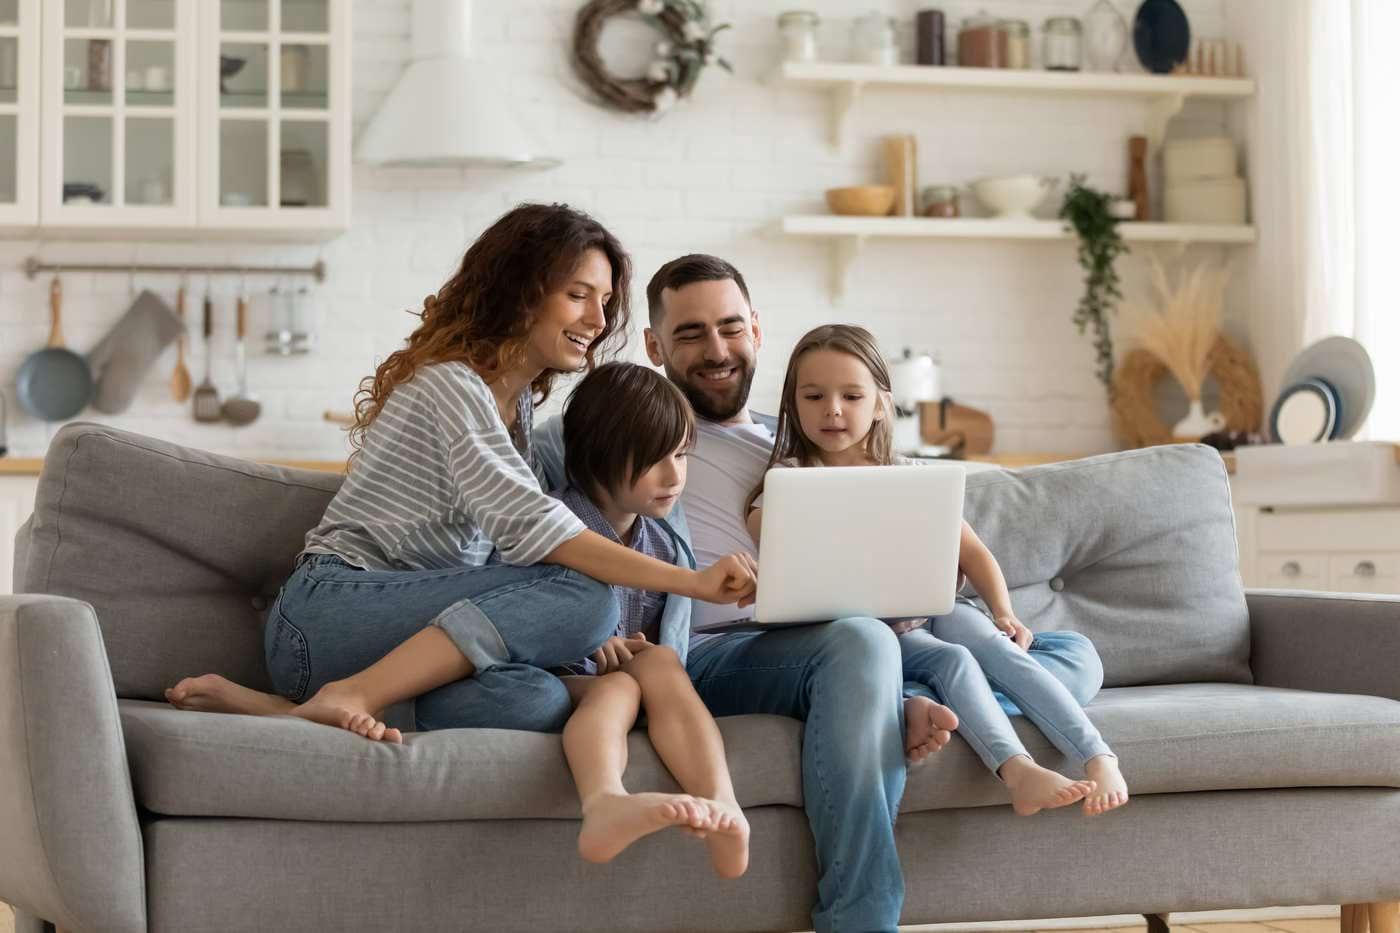 Cheia fericirii: prietenii sau familia? [studiu]